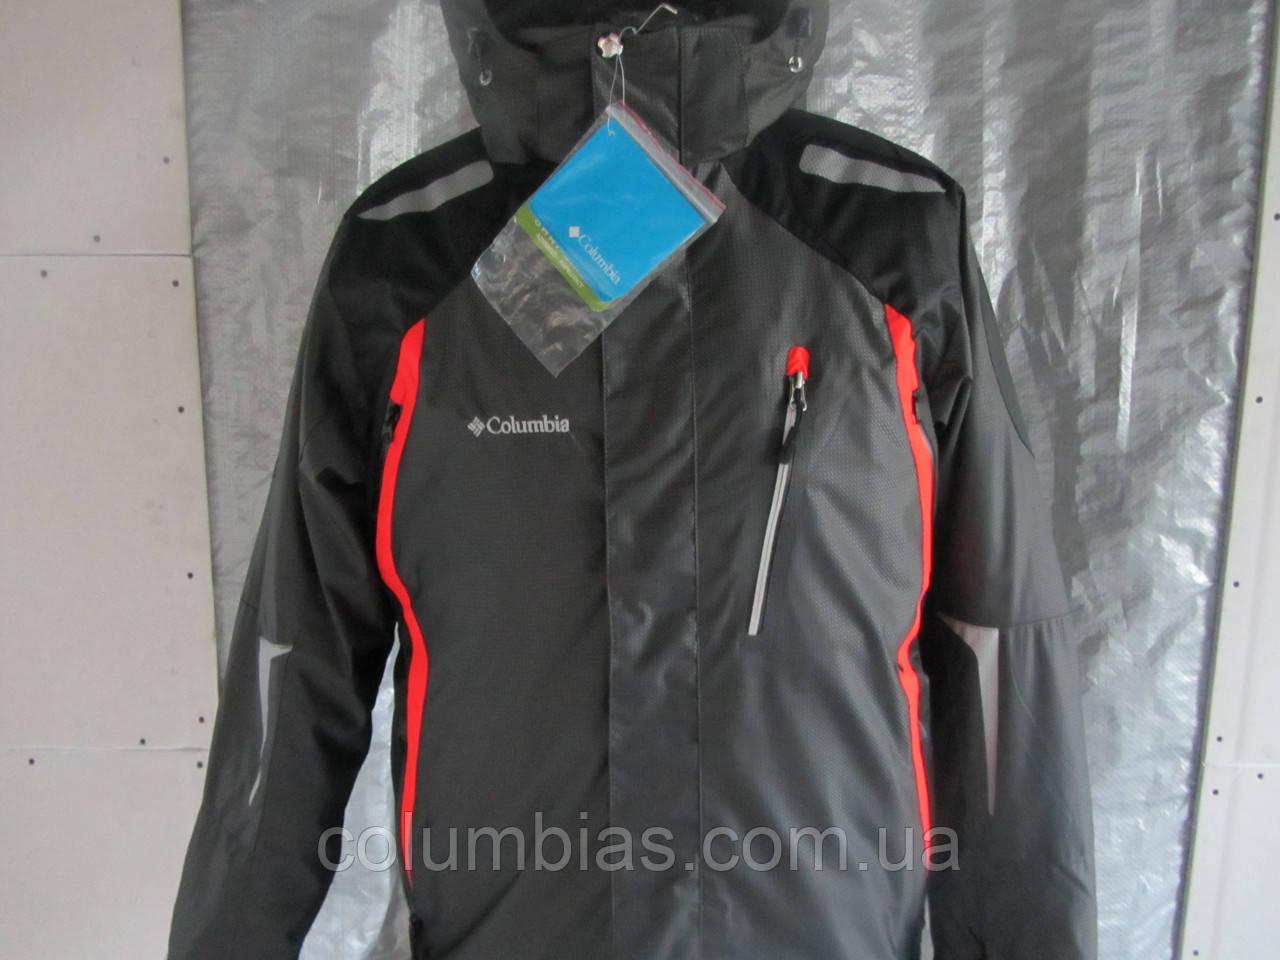 Лыжные куртки купить